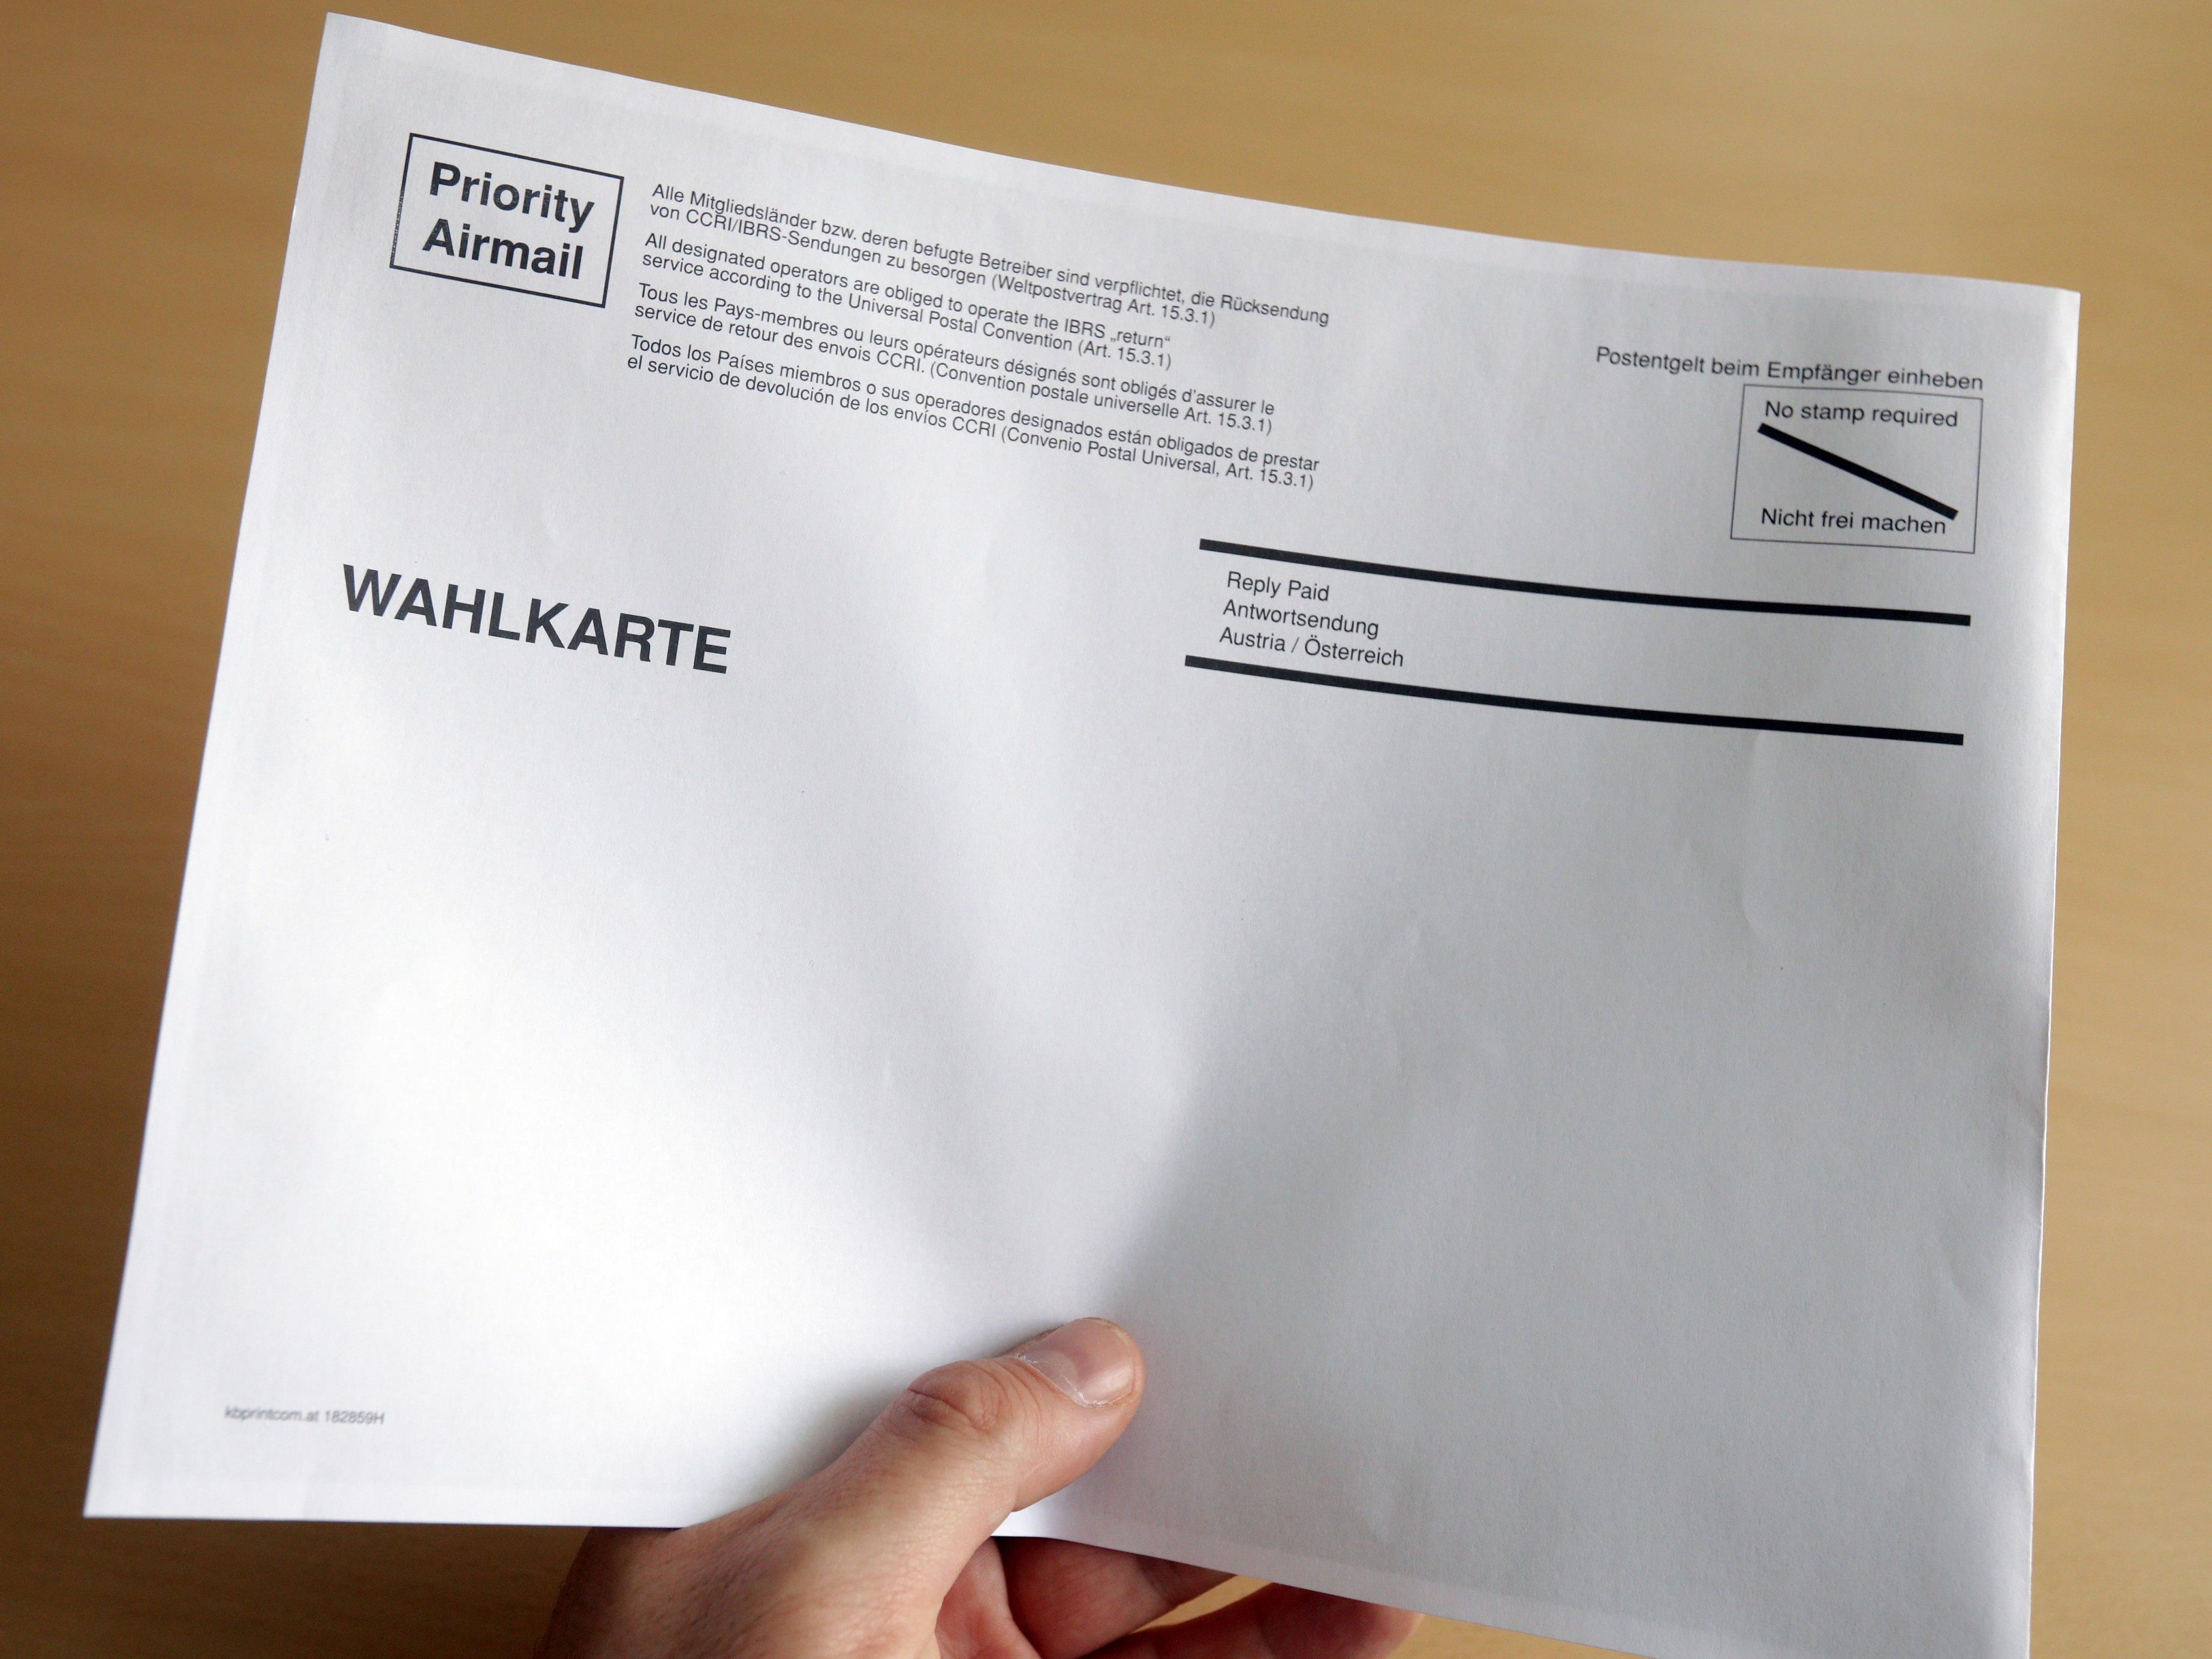 Einige der Wahlkarten-Kuverts waren schadhaft